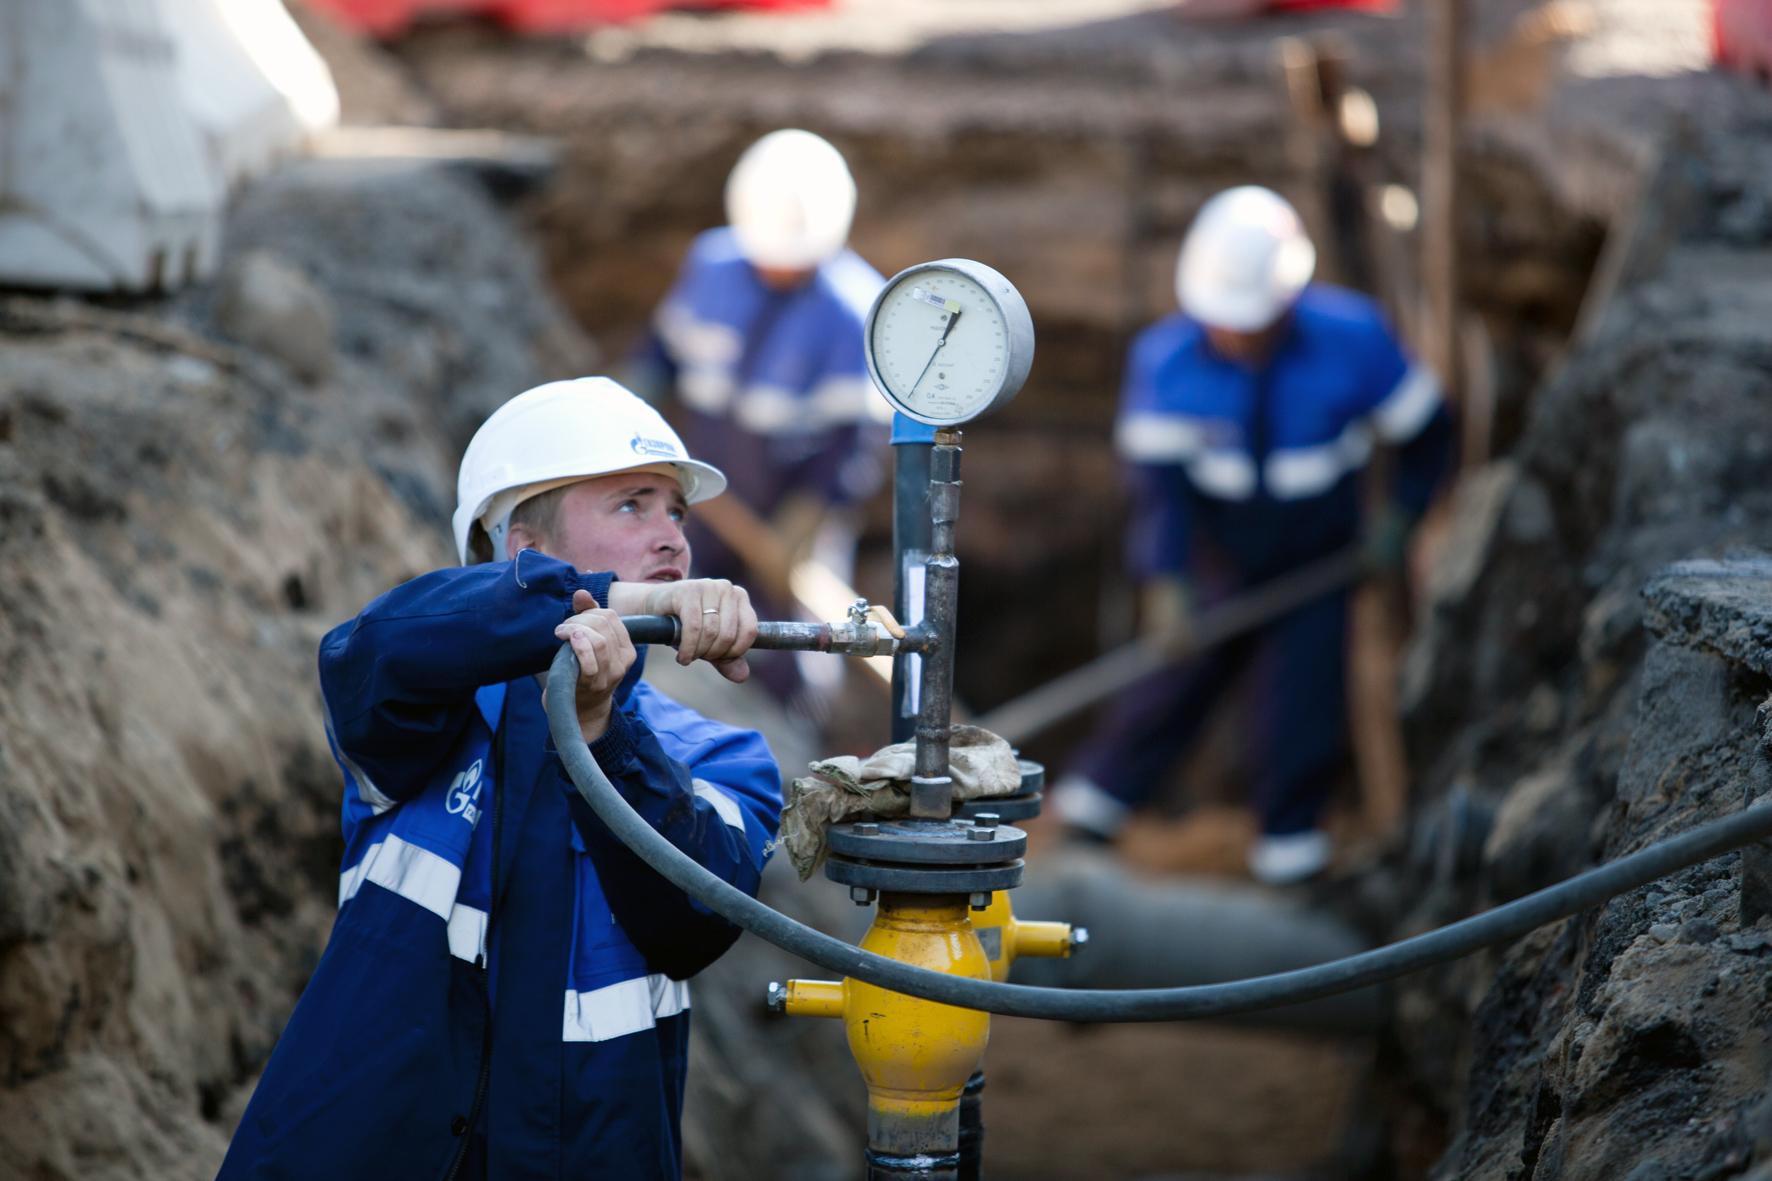 Тверская область рассчитывает получить на газификацию свыше 202 млн рублей в ближайшие два года